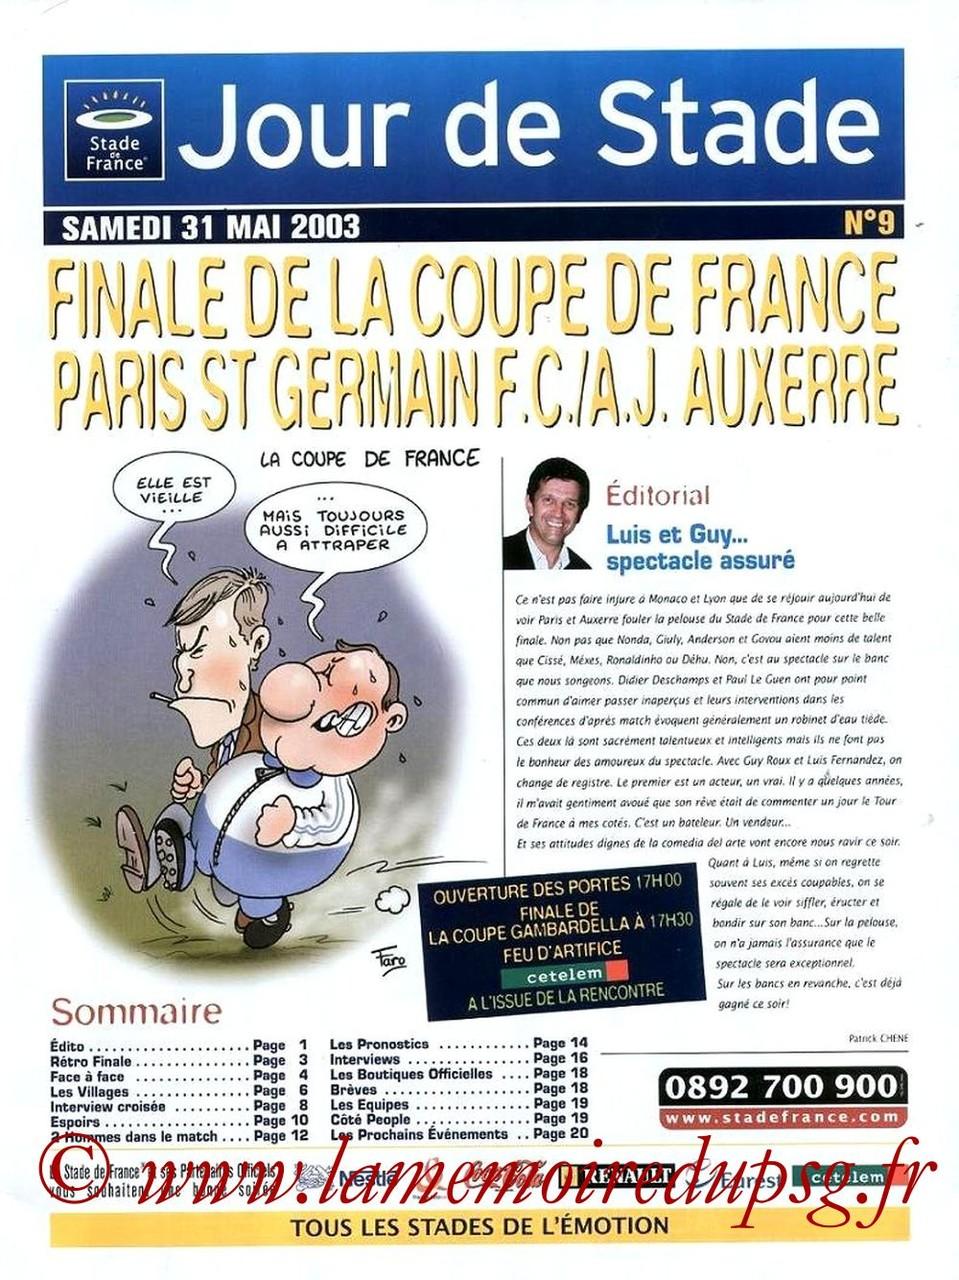 2003-05-31  PSG-Auxerre (Finale CF au Stade de France, Jour de Stade N°9)